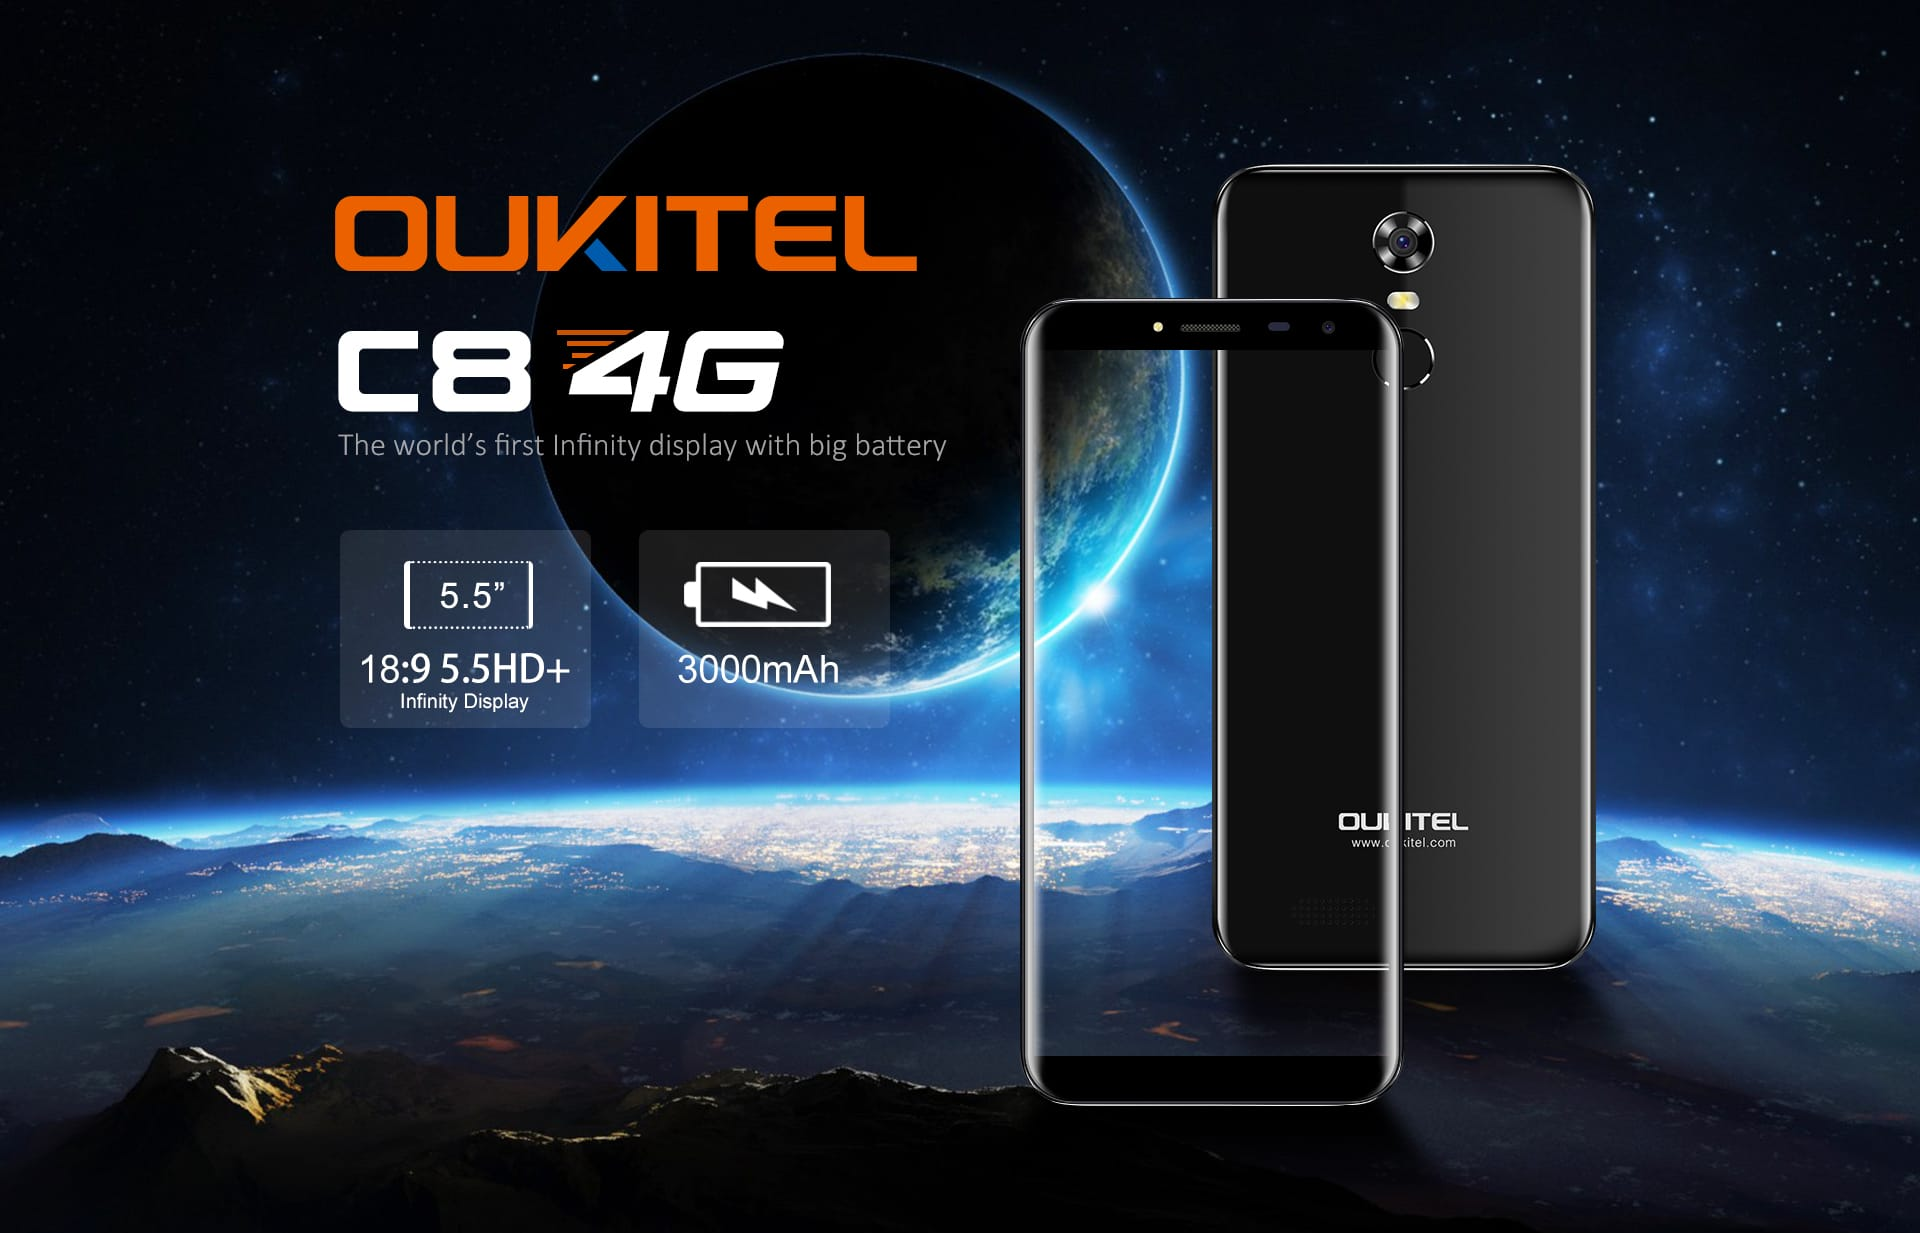 OUKITEL готовит квыходу безрамочный смартфон под названием C8 4G